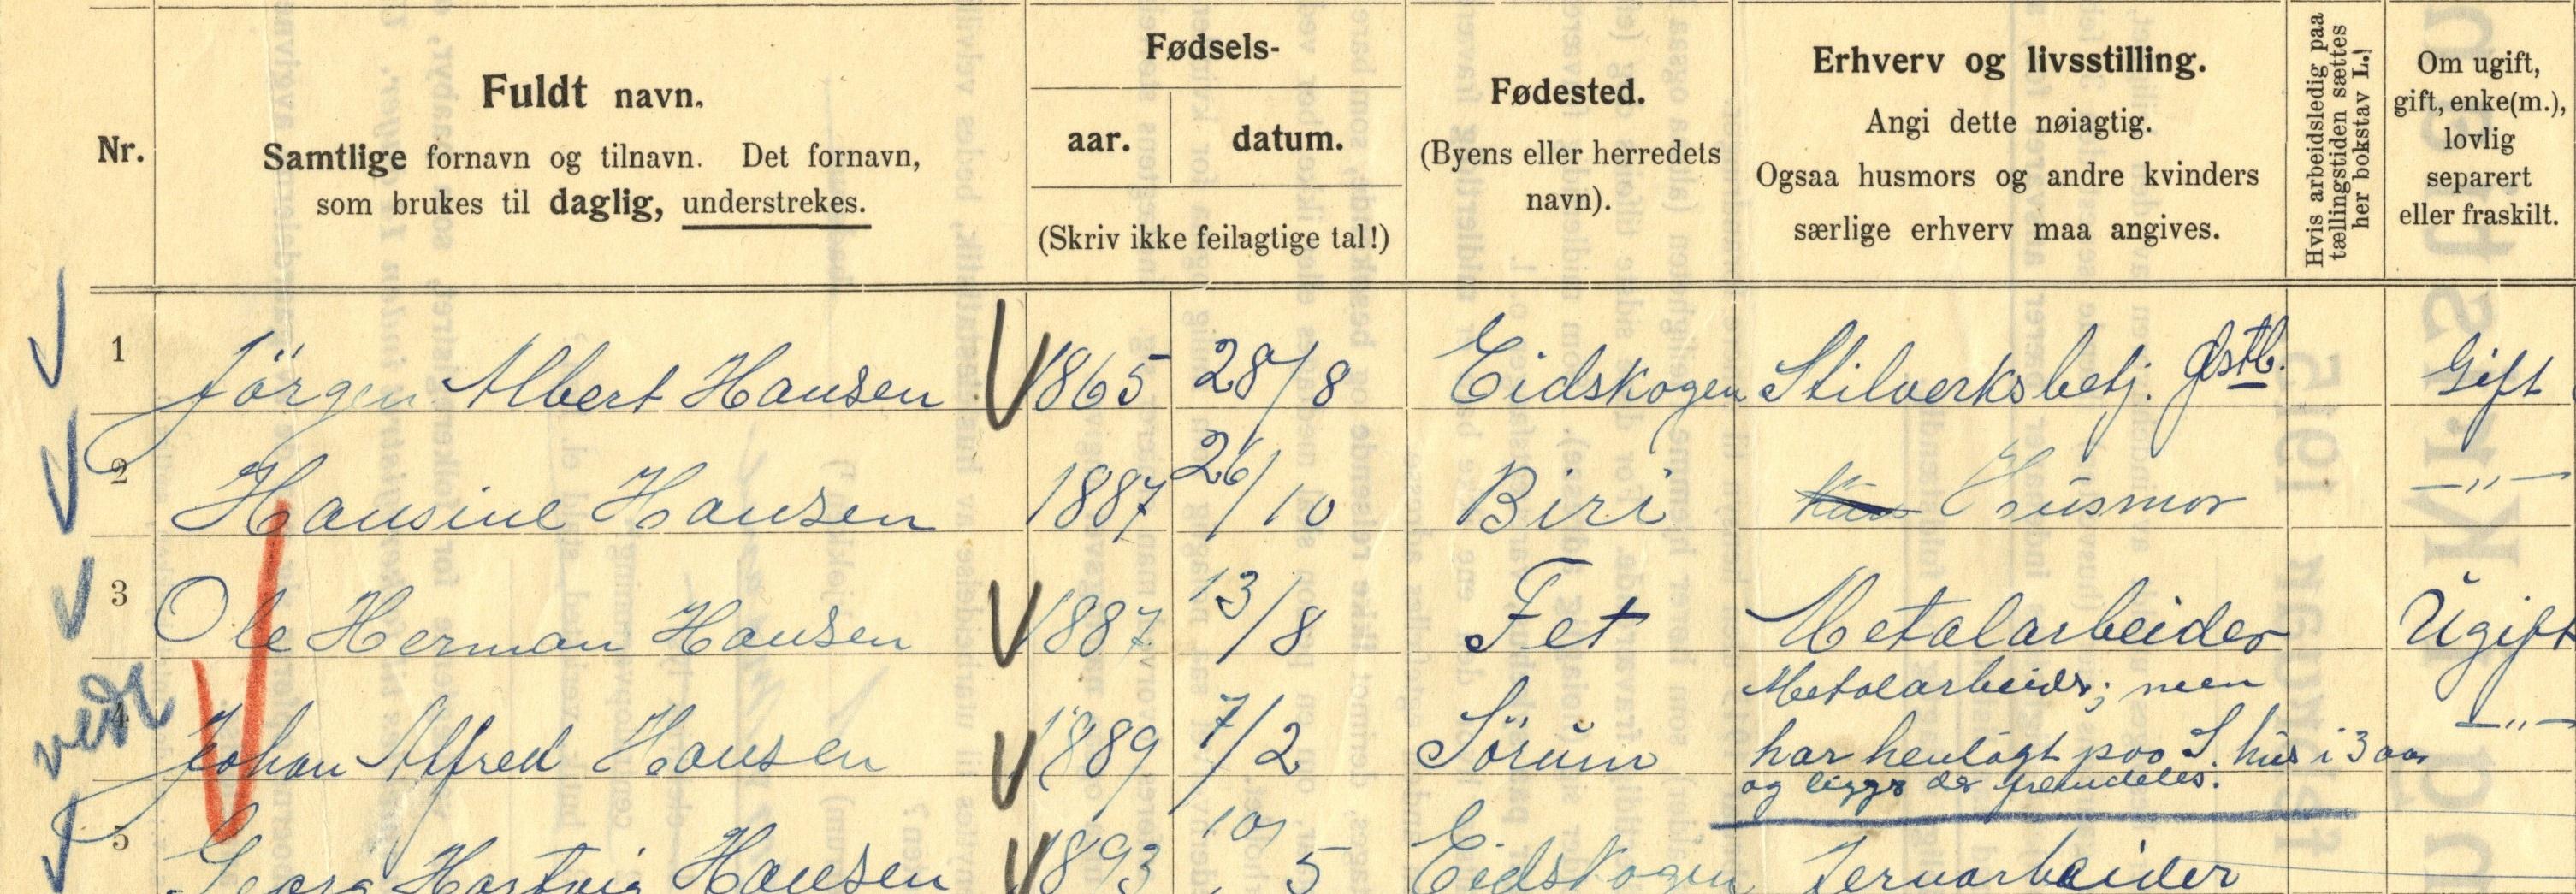 sebbelows stiftelse mossegata 10 1914